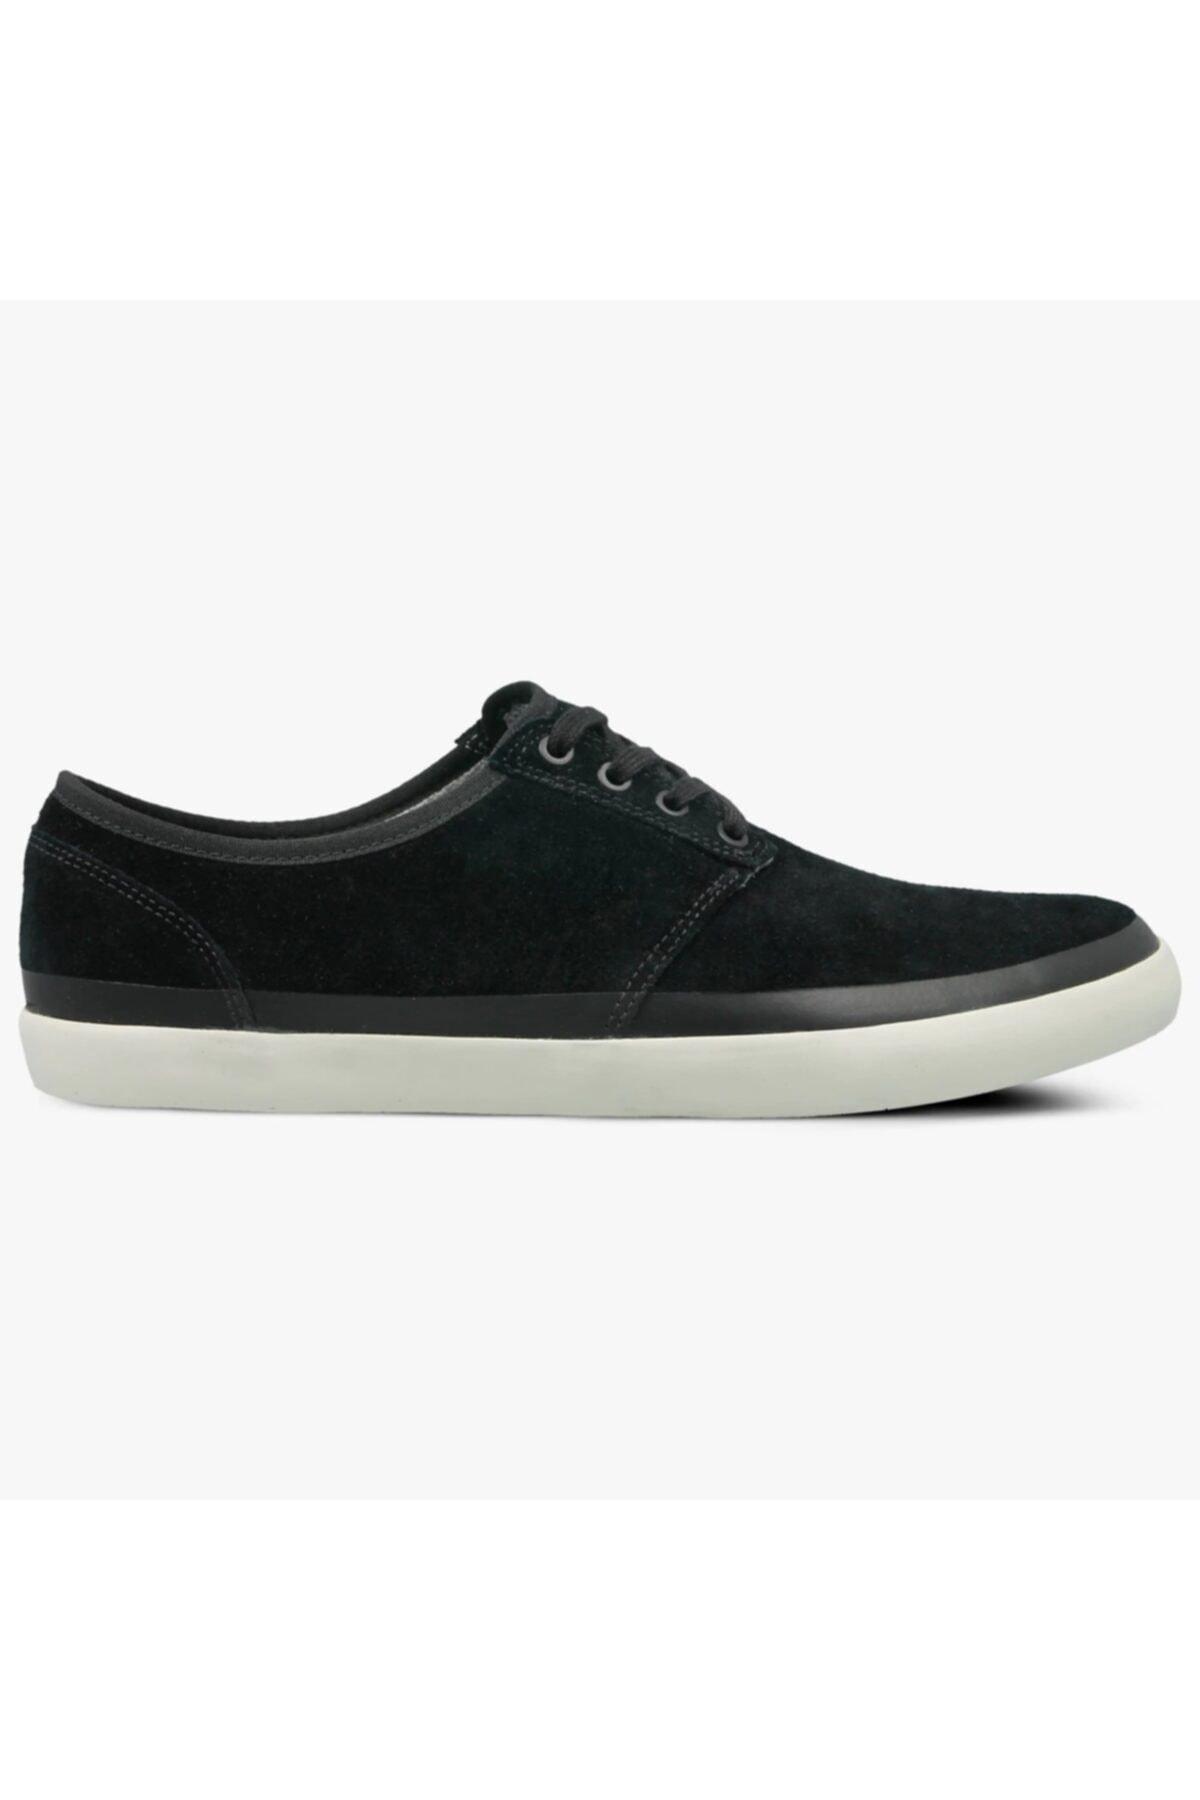 CLARKS Erkek Siyah Ayakkabı 26132749 1